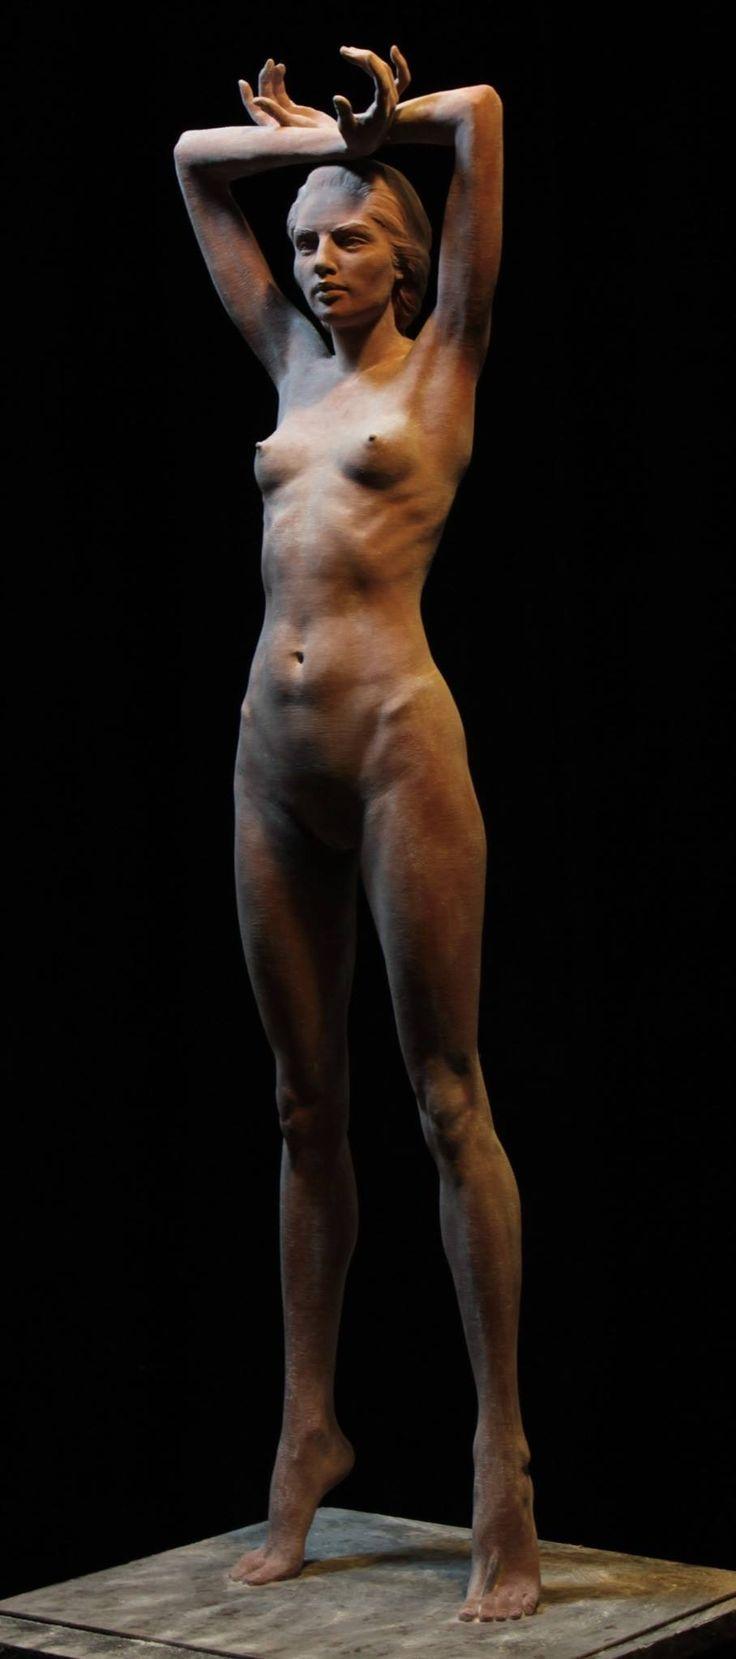 female g spot naked